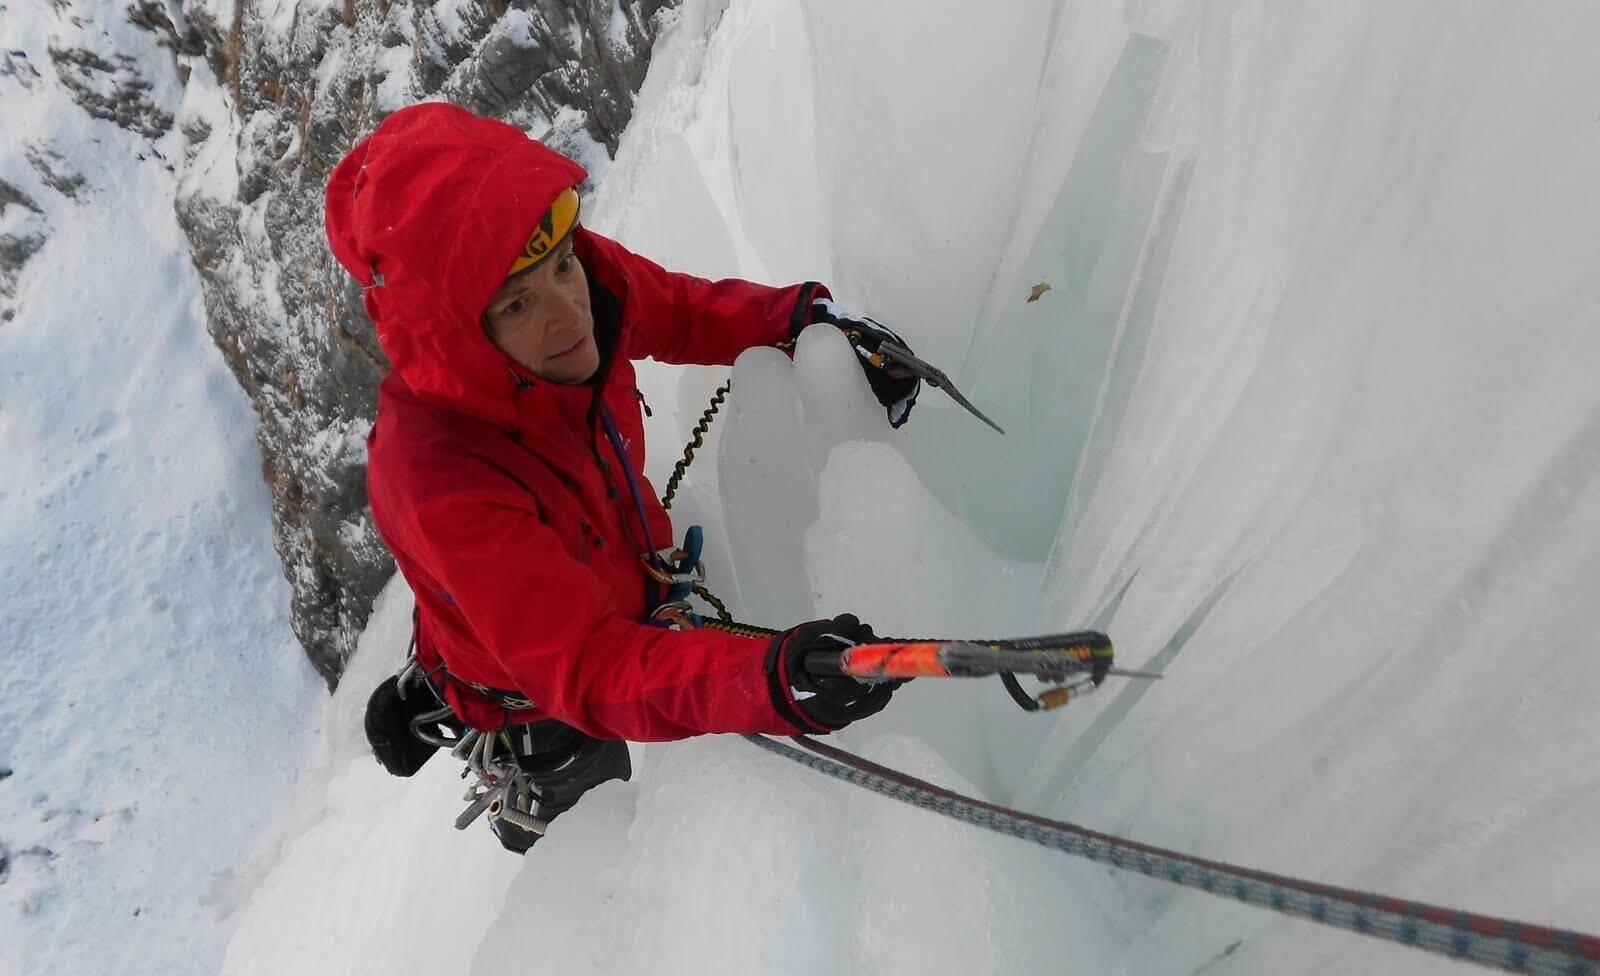 Klettergurt Eisklettern : Eisklettern am eistbach u sac saas